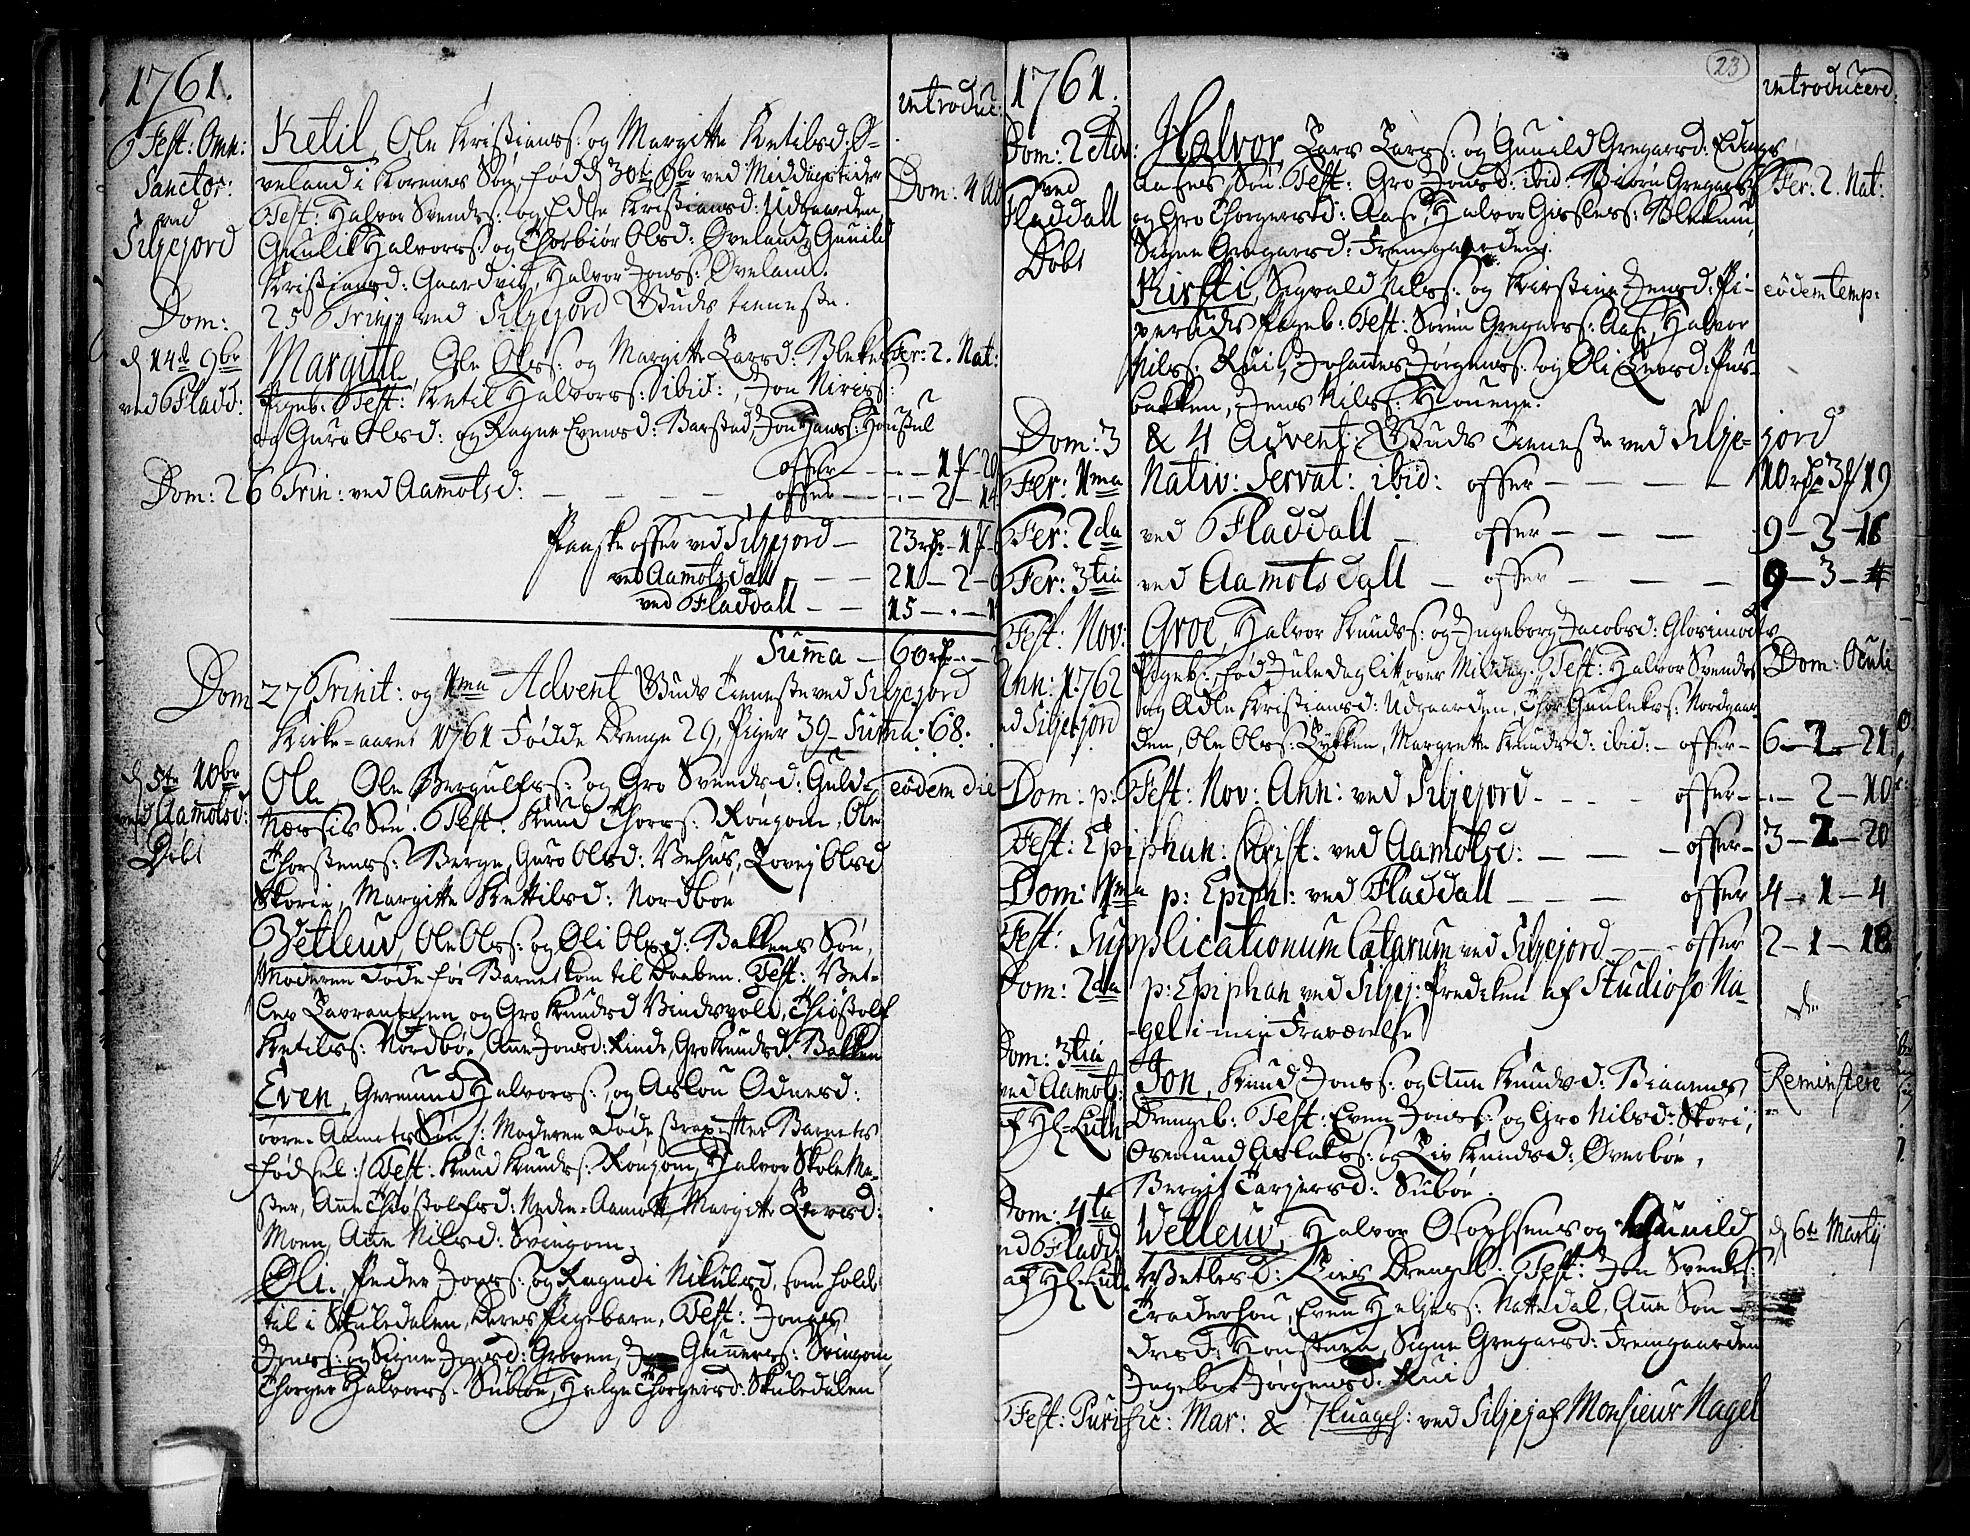 SAKO, Seljord kirkebøker, F/Fa/L0007: Ministerialbok nr. I 7, 1755-1800, s. 23